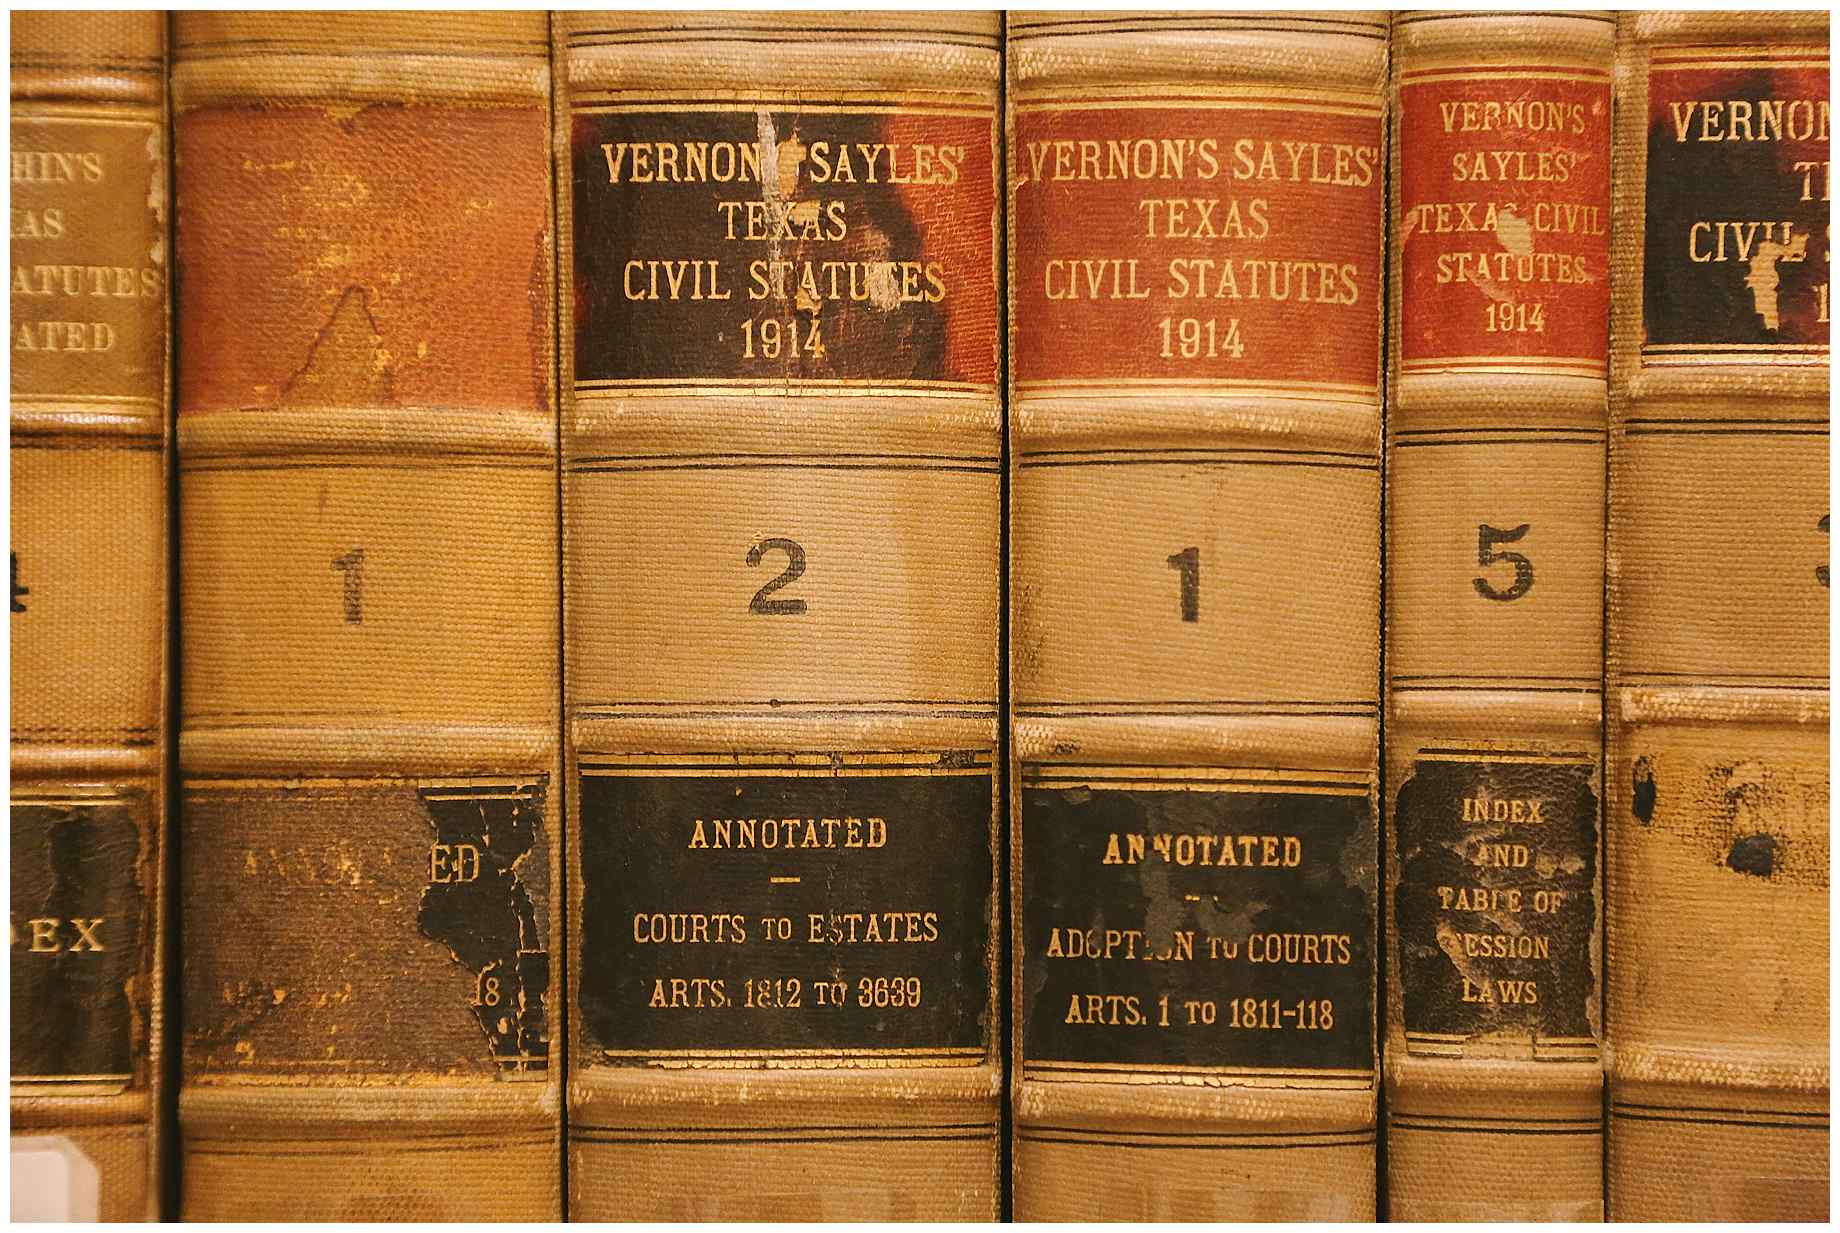 texas-atm-school-of-law-photos-03